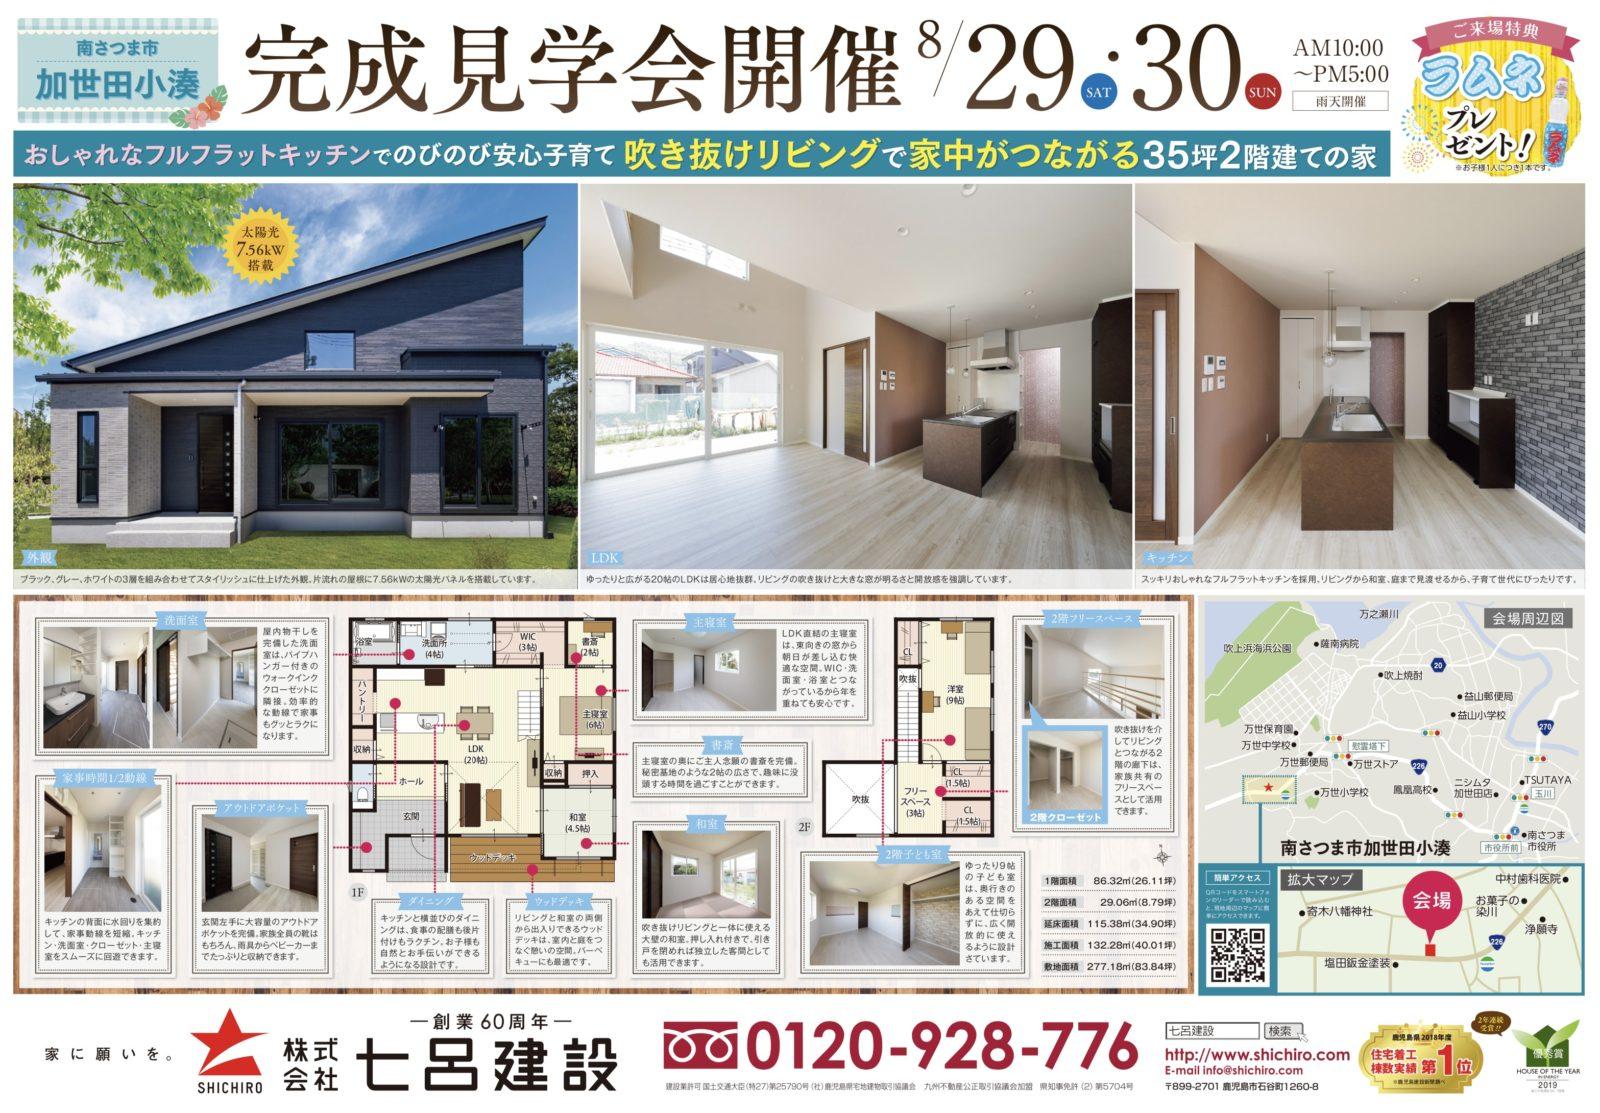 南さつま市加世田小湊で完成見学会 吹き抜けリビングで家中がつながる35坪2階建ての家